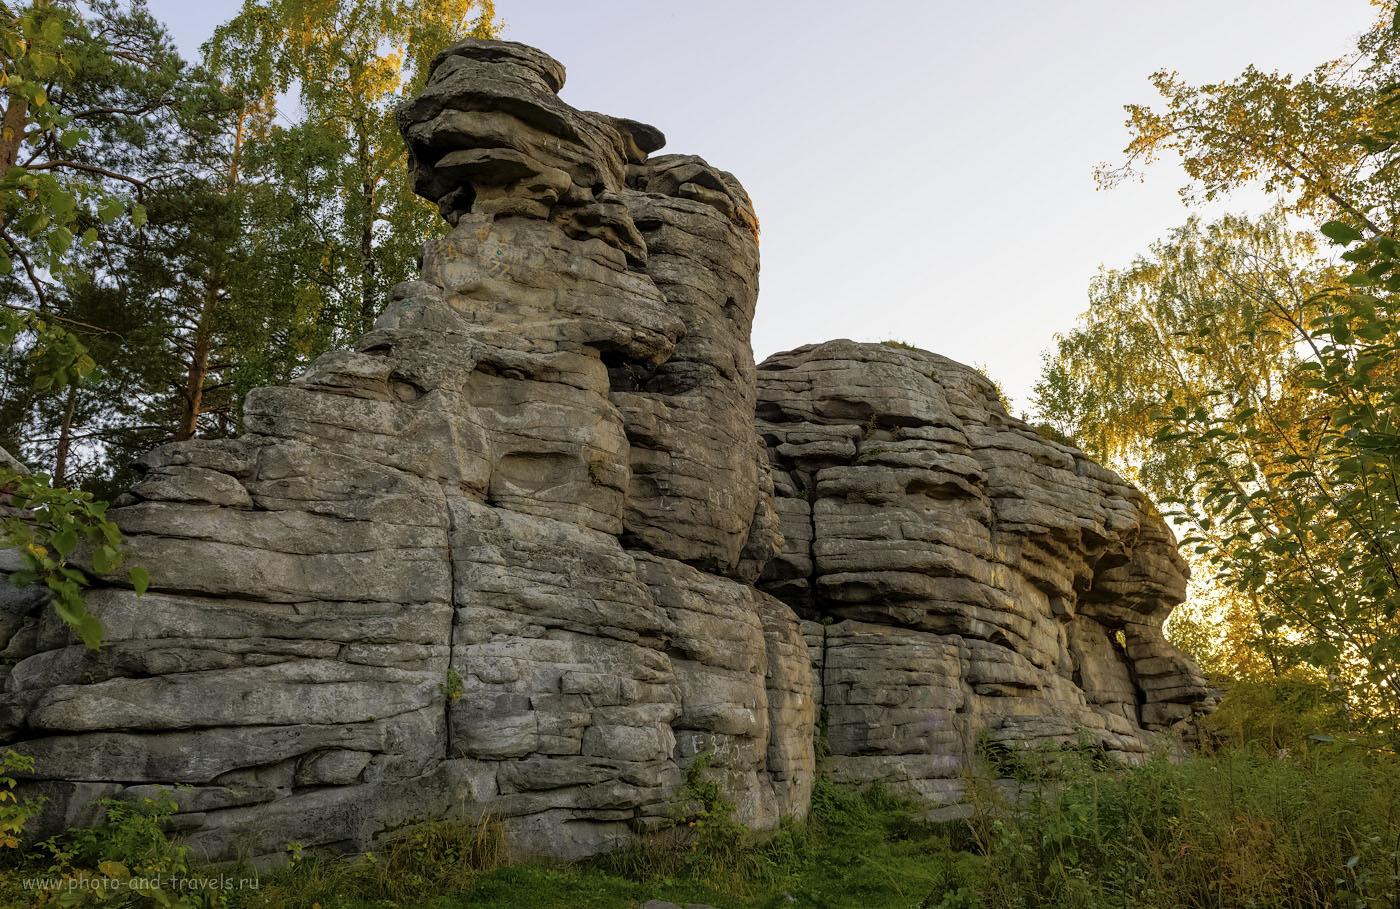 3. Пеший поход выходного дня. Высота скал Петра Гронского составляет около 12-ти метров.